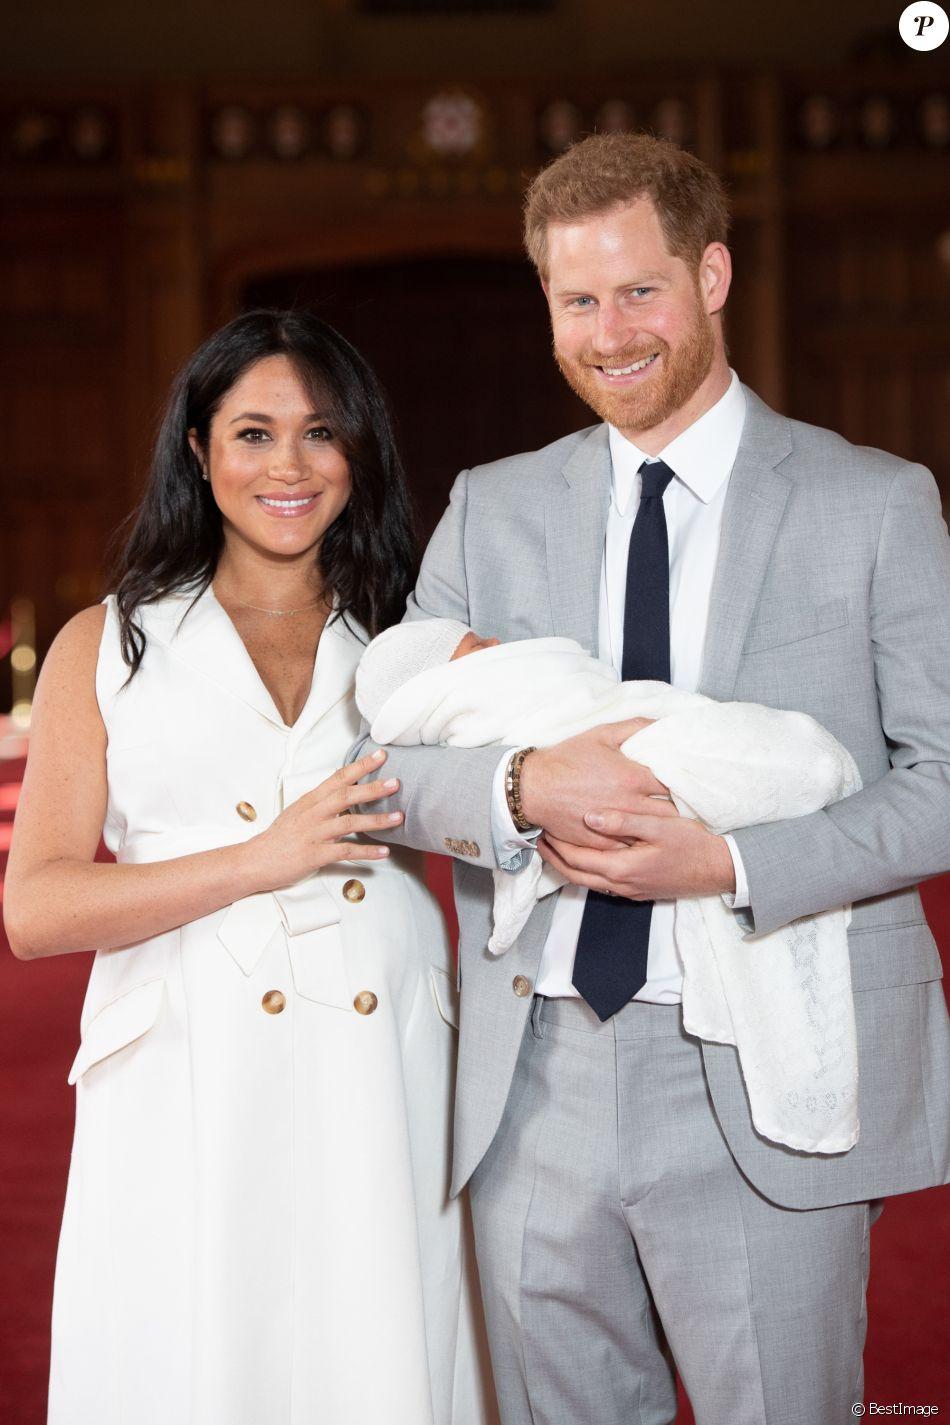 Meghan Markle, duchesse de Sussex, et le prince Harry le 8 mai 2019 lors de la présentation de leur fils Archie Harrison Mountbatten-Windsor dans le hall St George au château de Windsor.